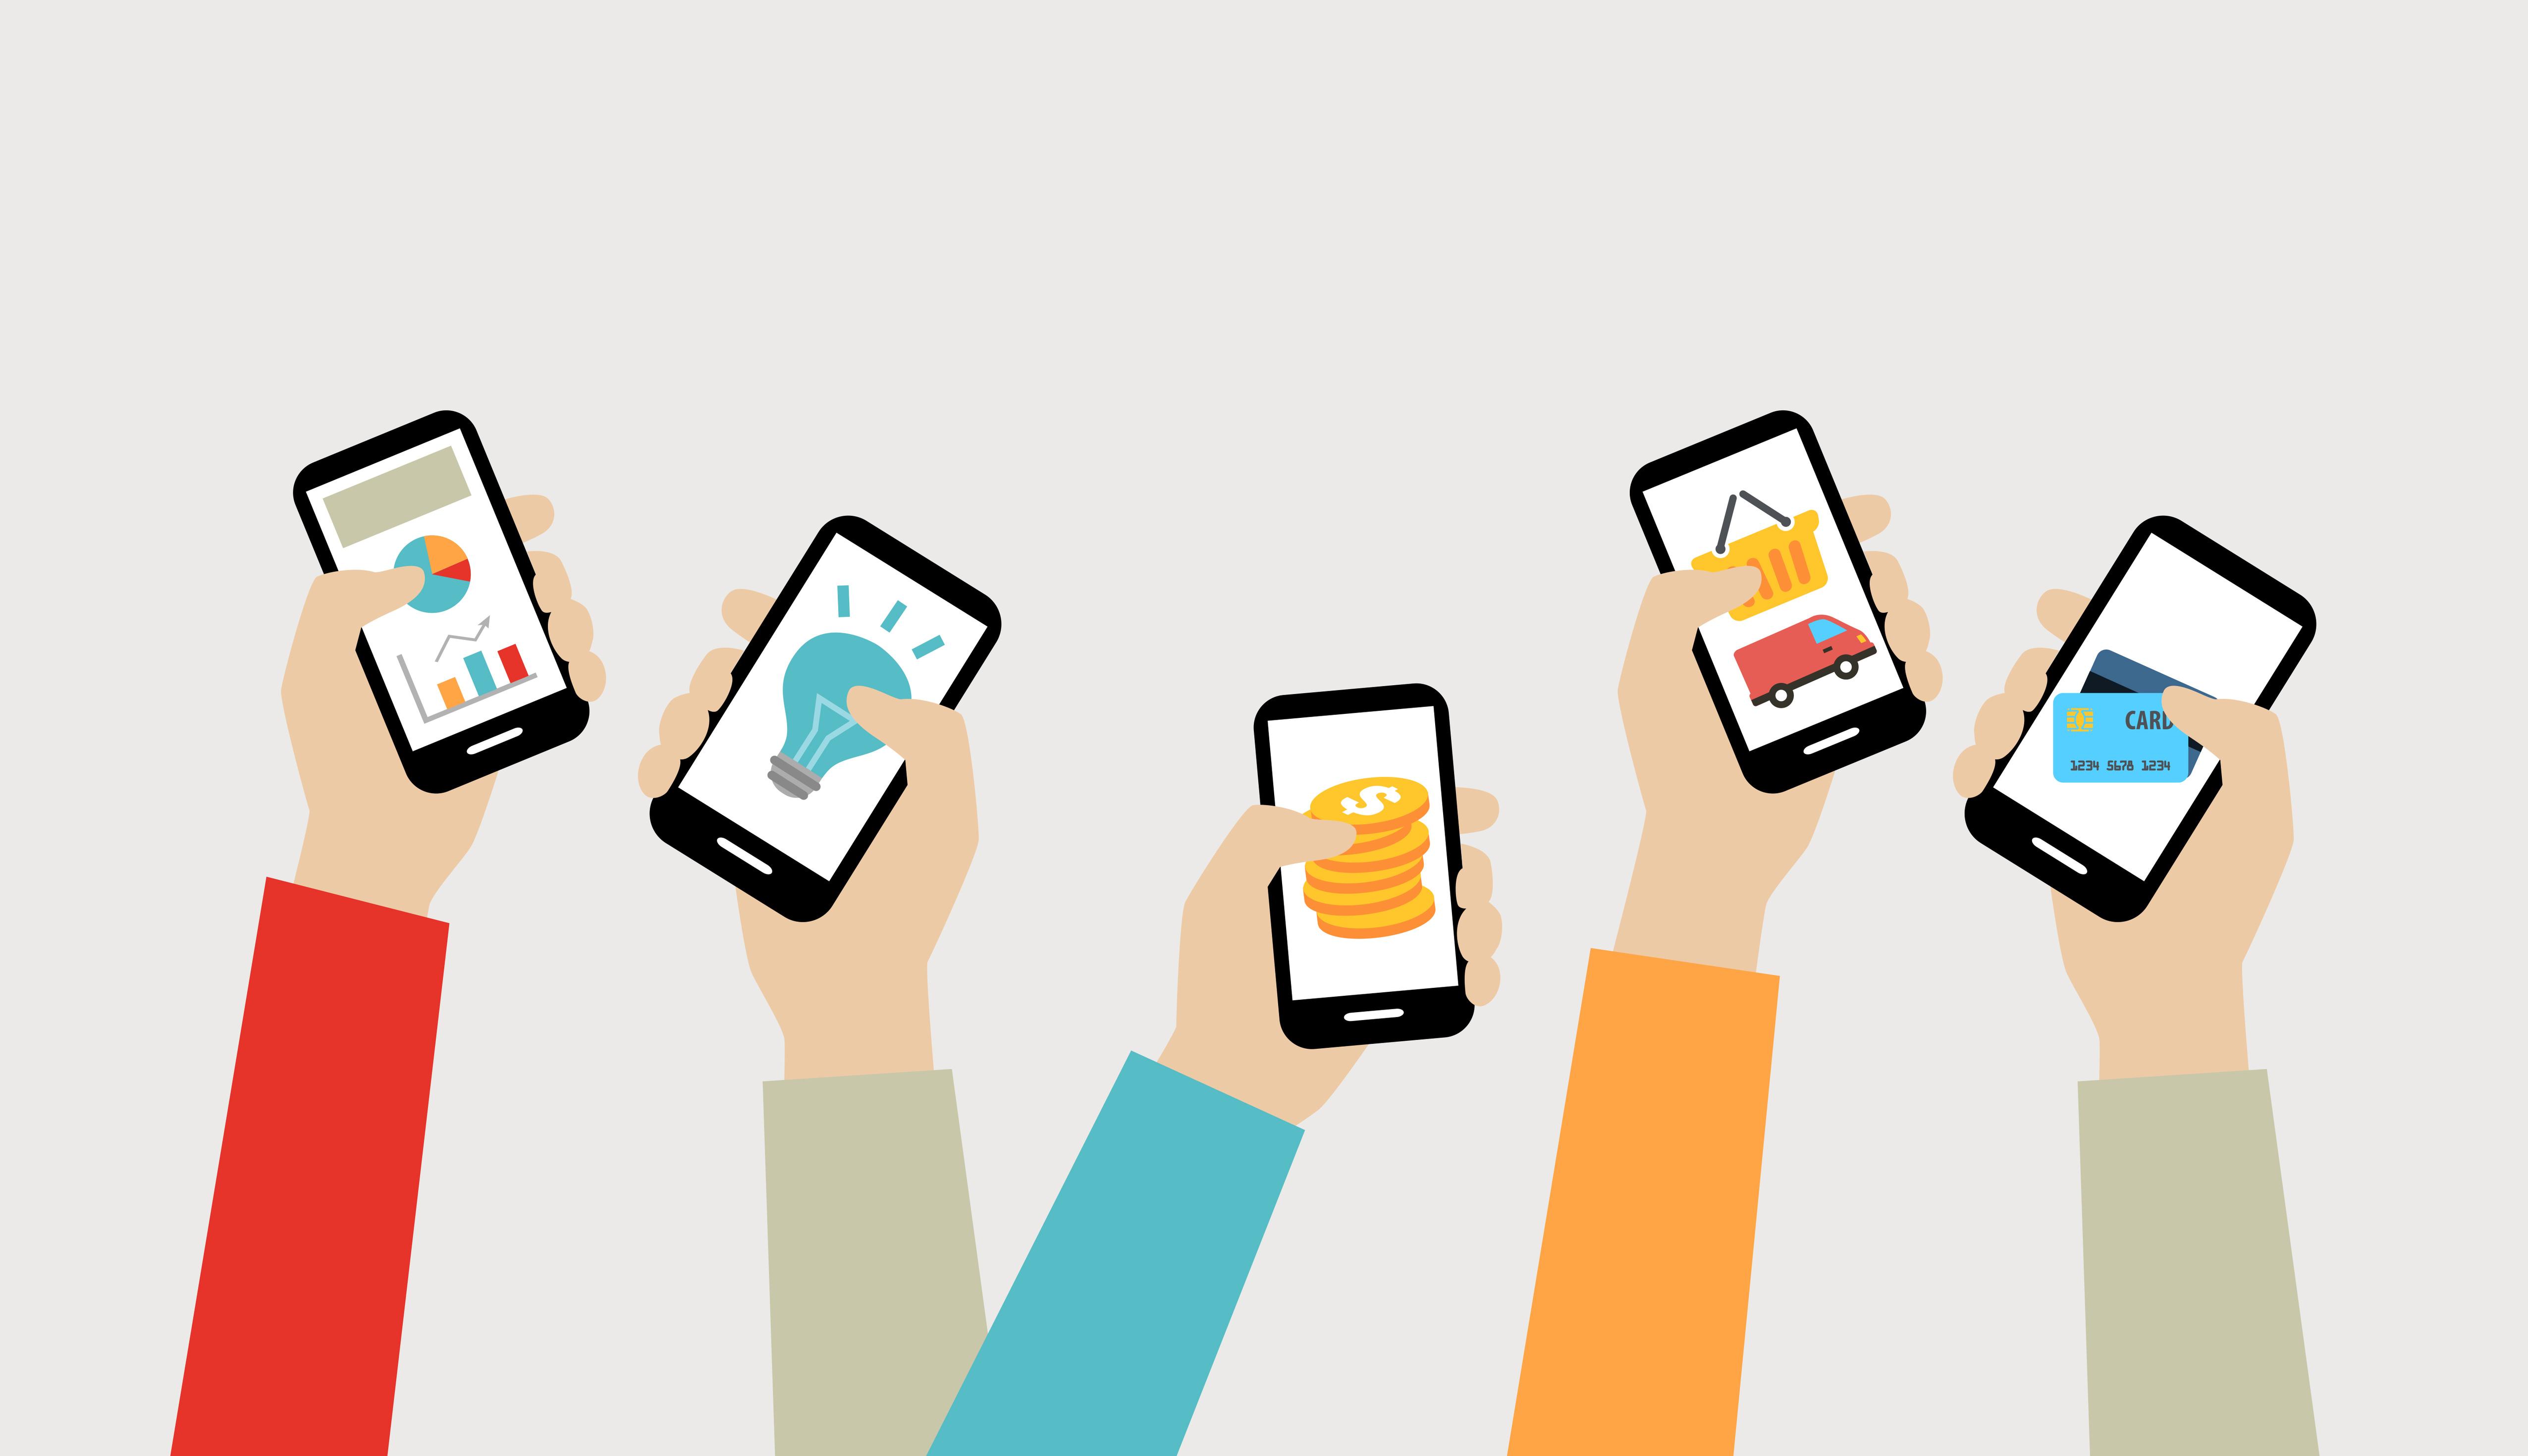 Sondage : sur quels canaux de communication préférez-vous suivre Infosbar ?